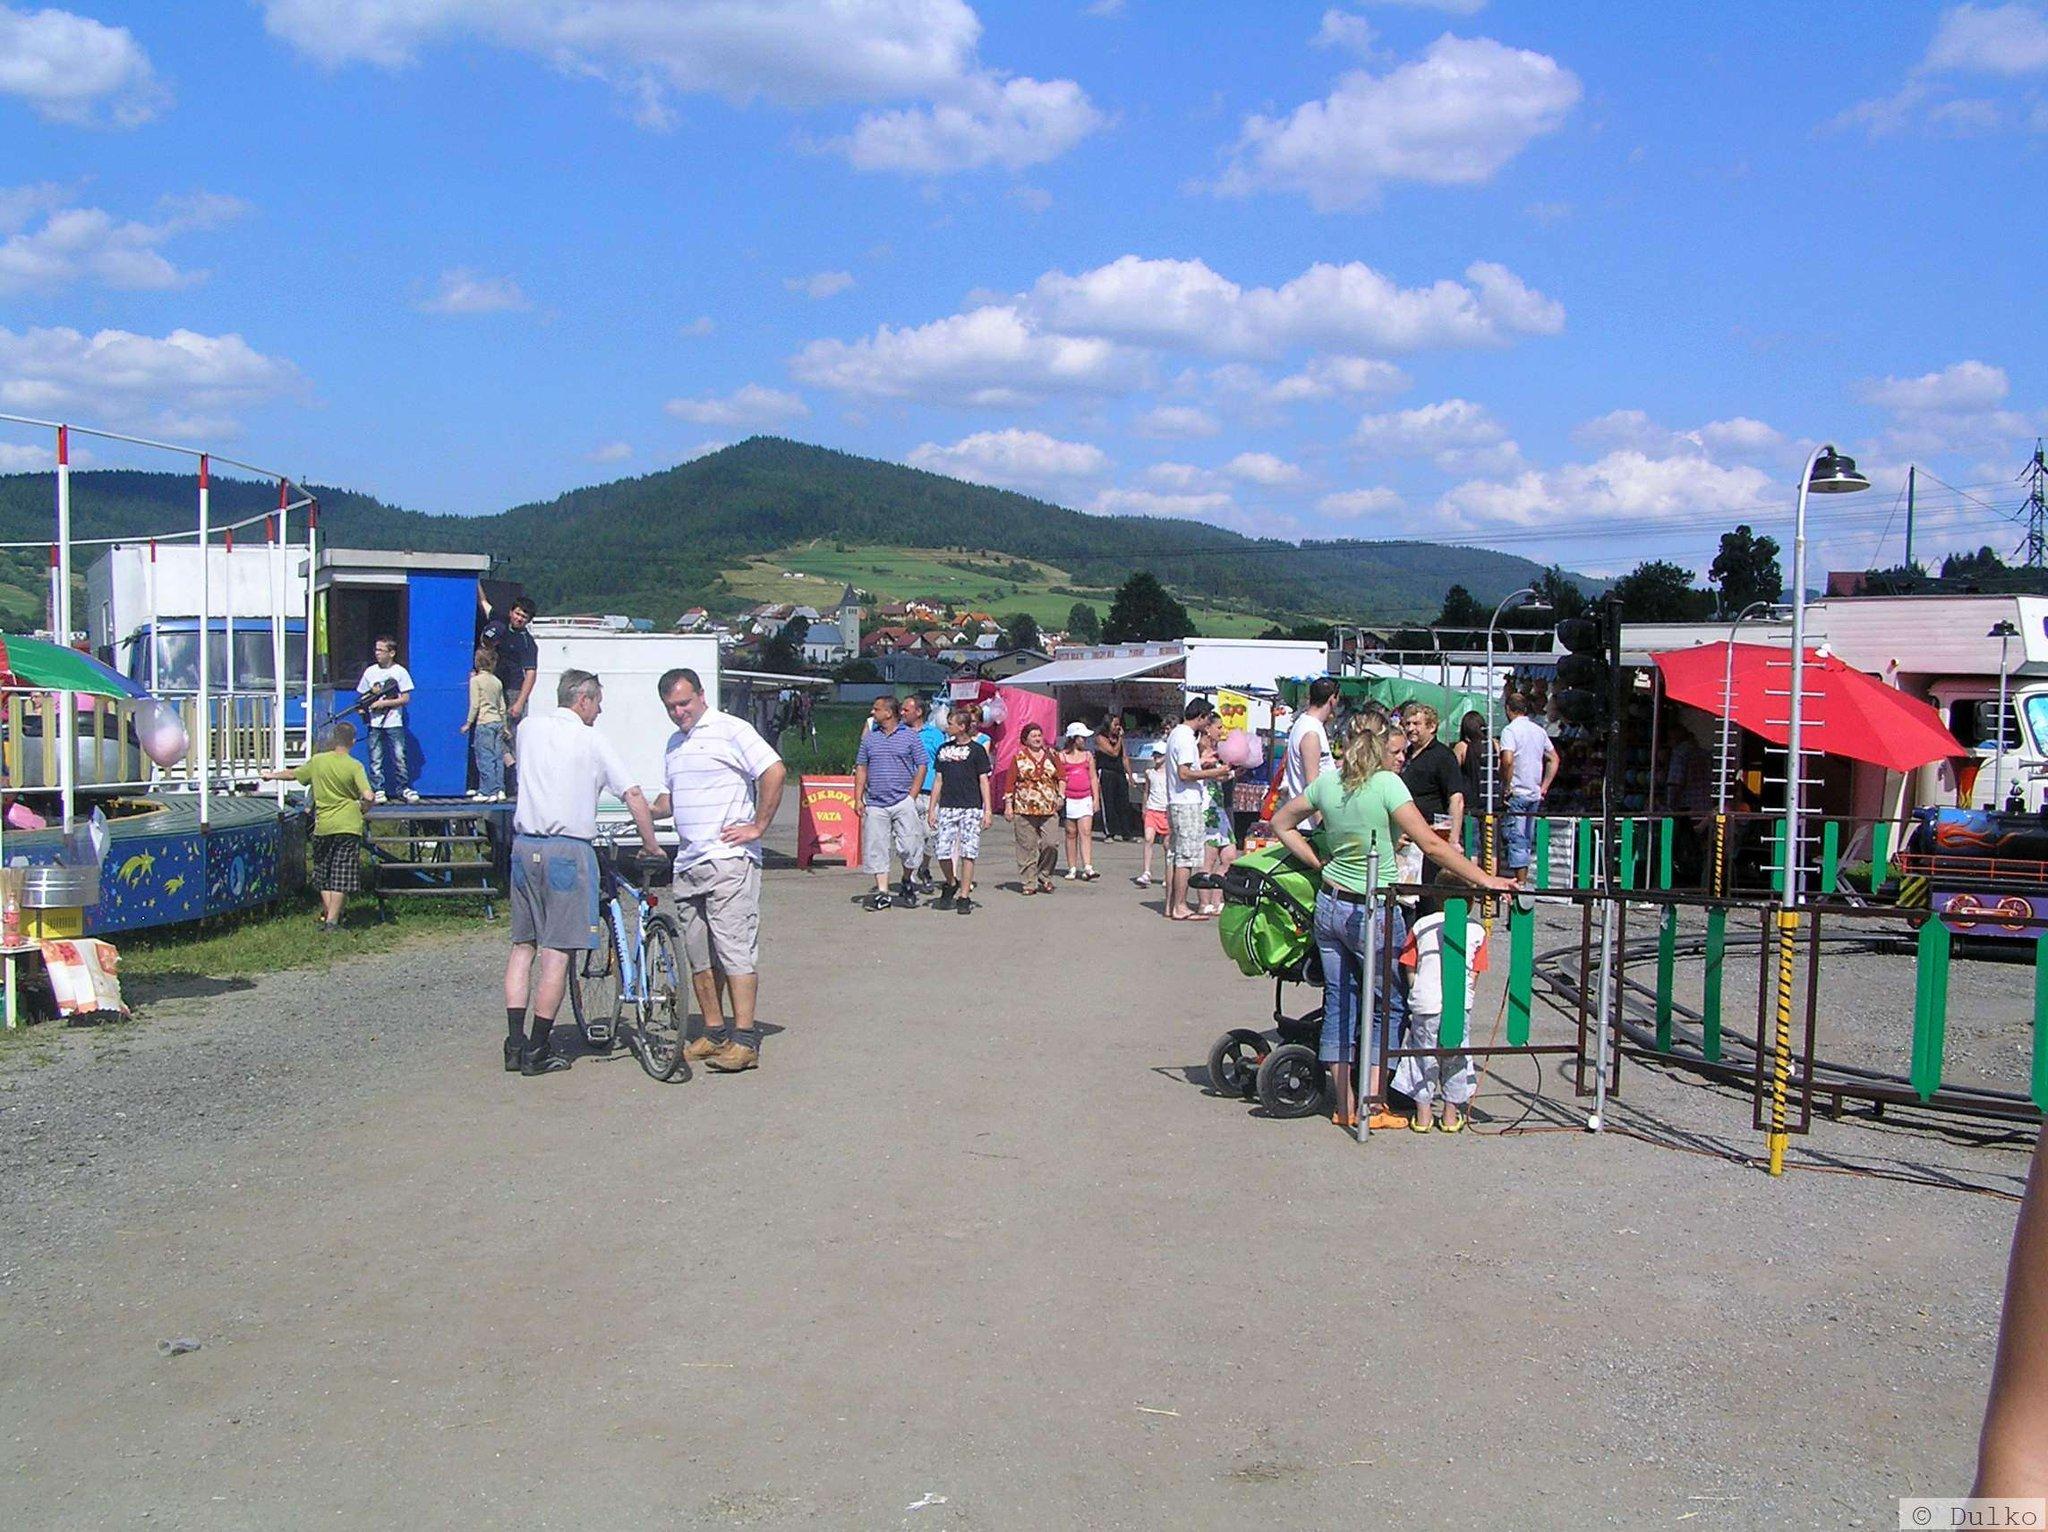 Hody 2011 - 17. júl